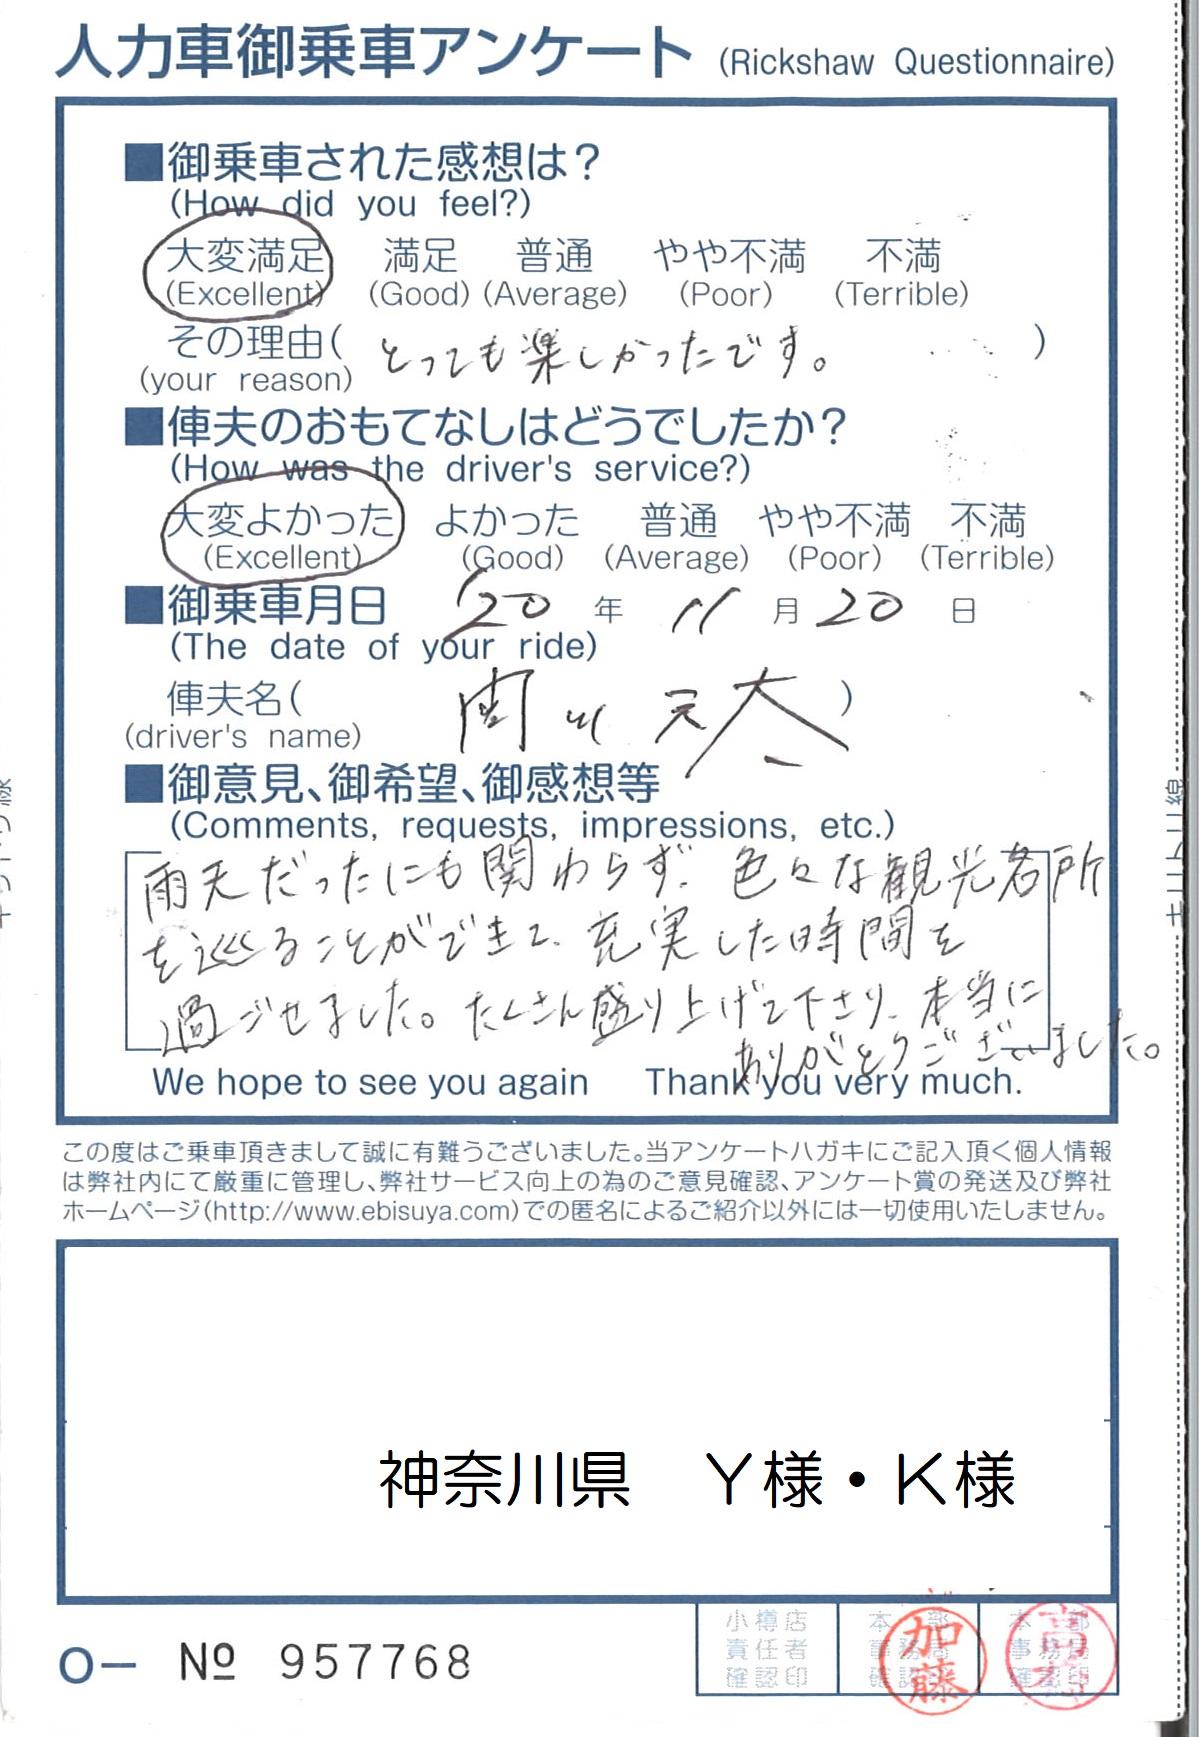 神奈川県 Y様・K様